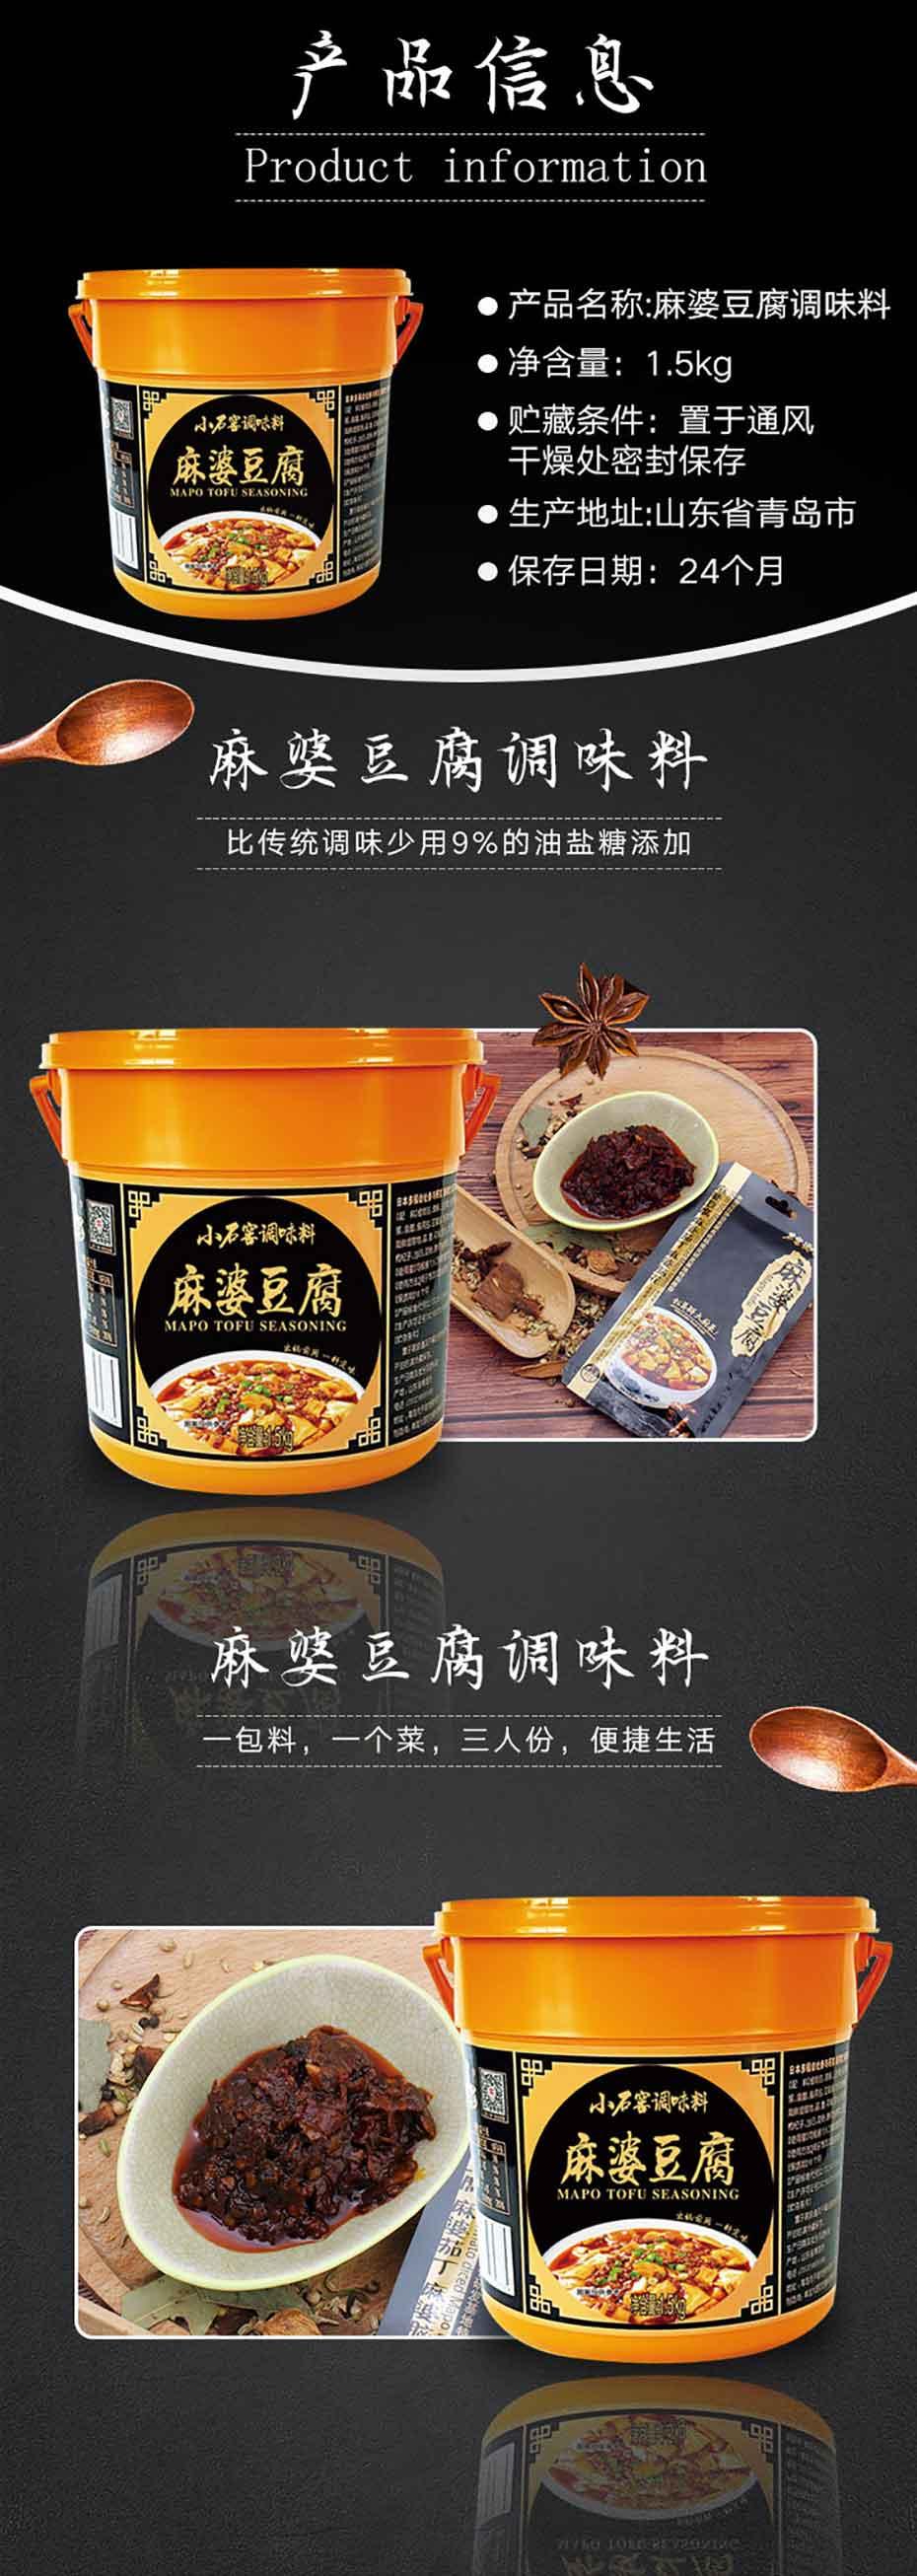 小石窖麻婆豆腐-大厨四宝